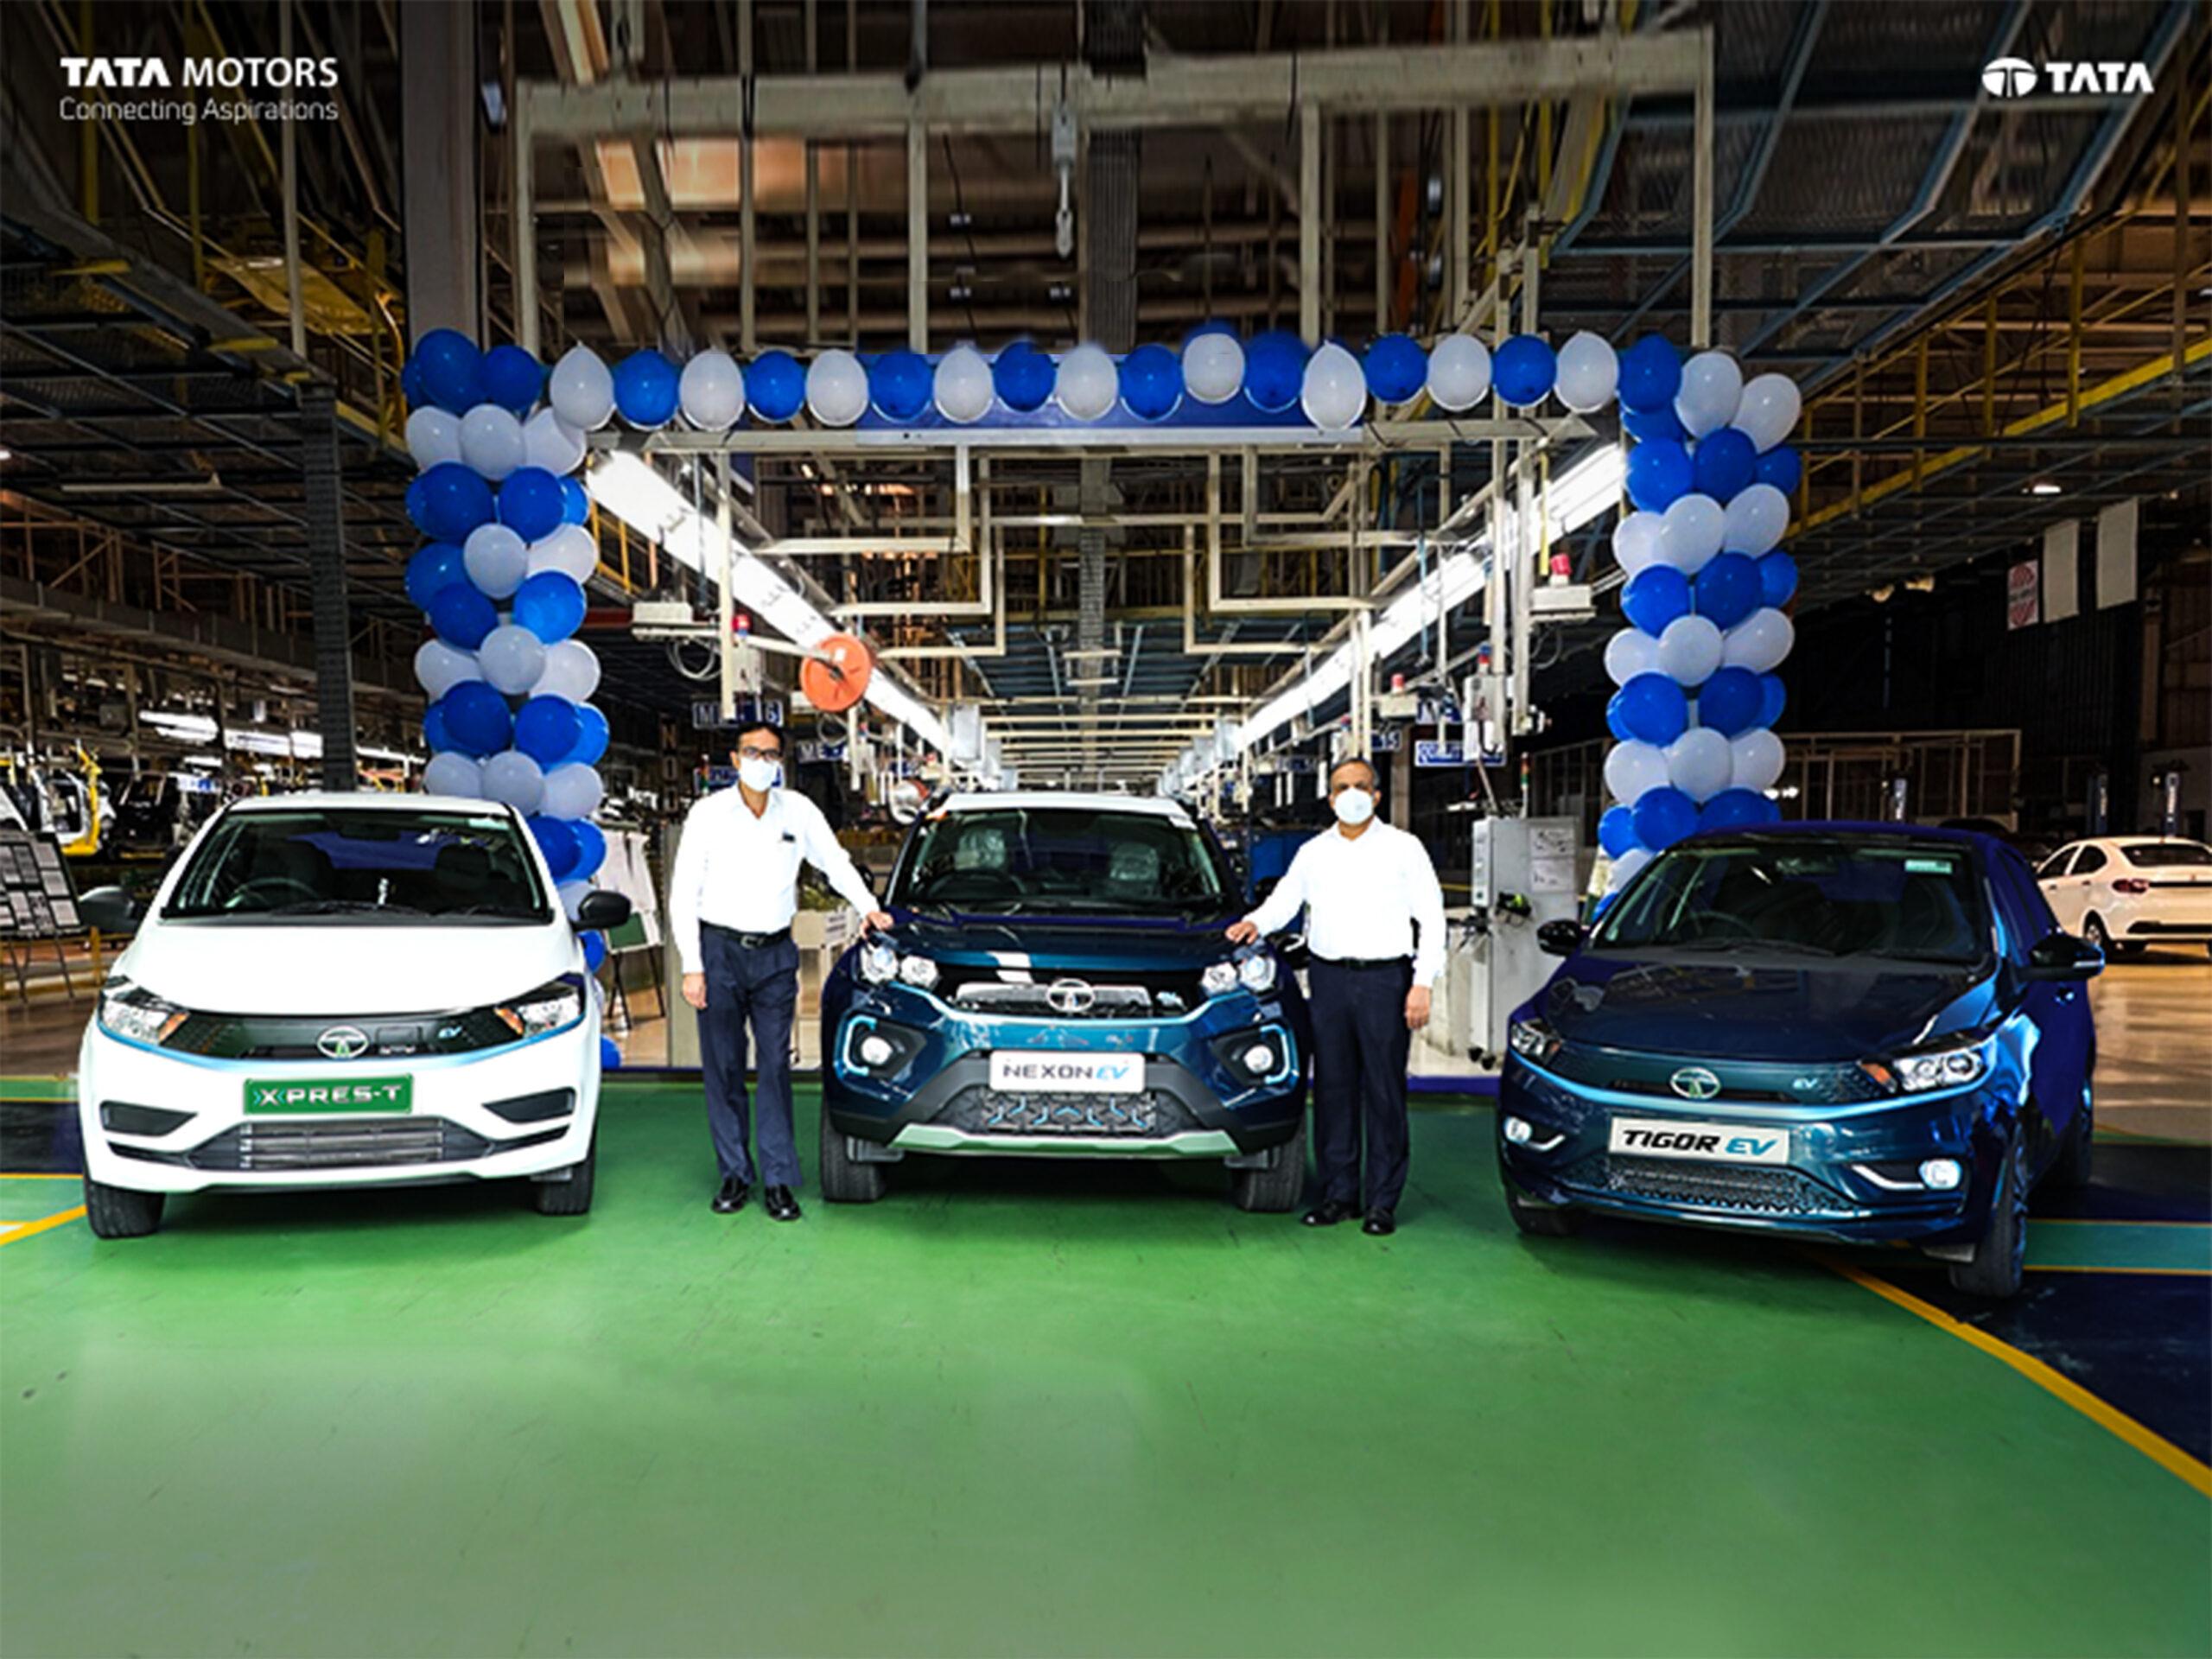 Tata Motors celebrates on their milestone